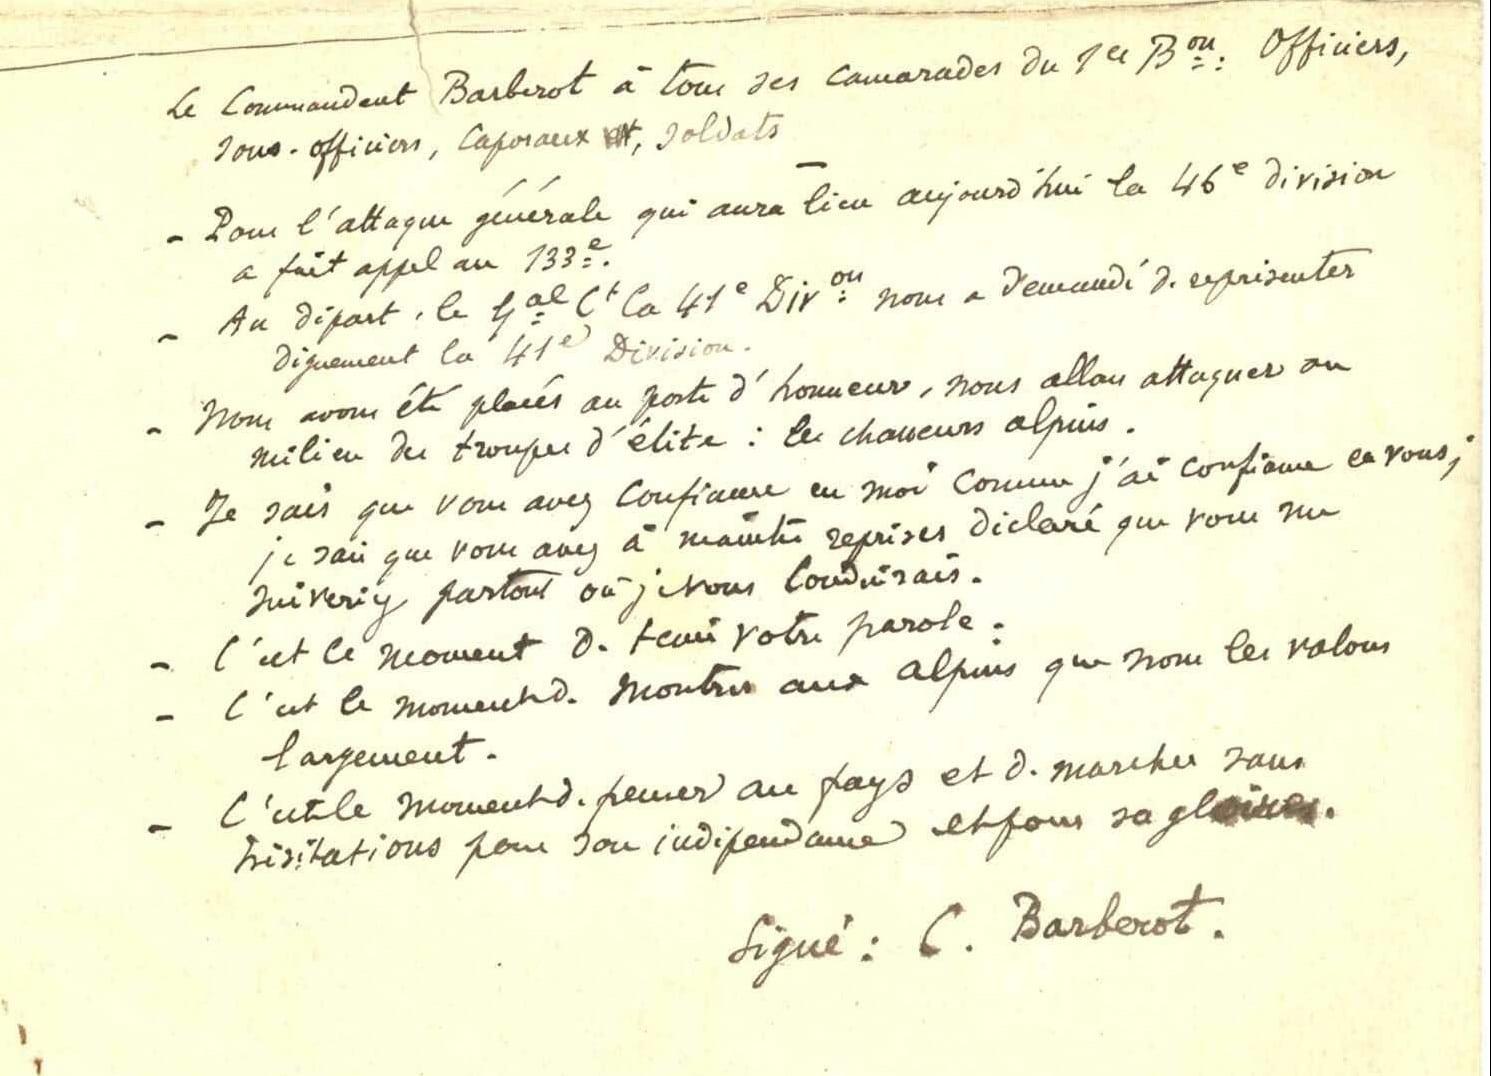 Ordre Attaque Commandant Barberot cote 830